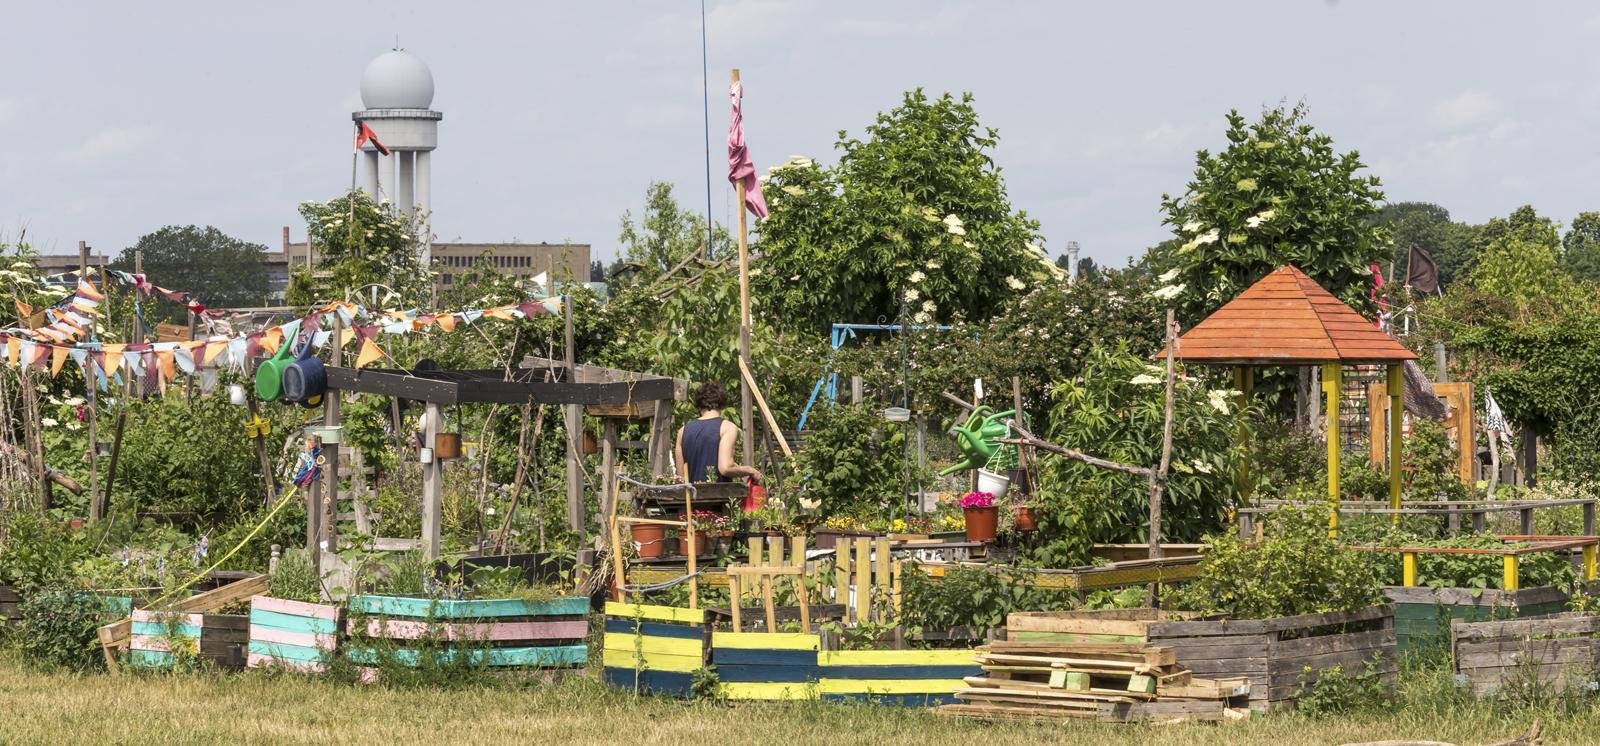 Urbane Gärten auf dem Tempelhofer Feld in Berlin